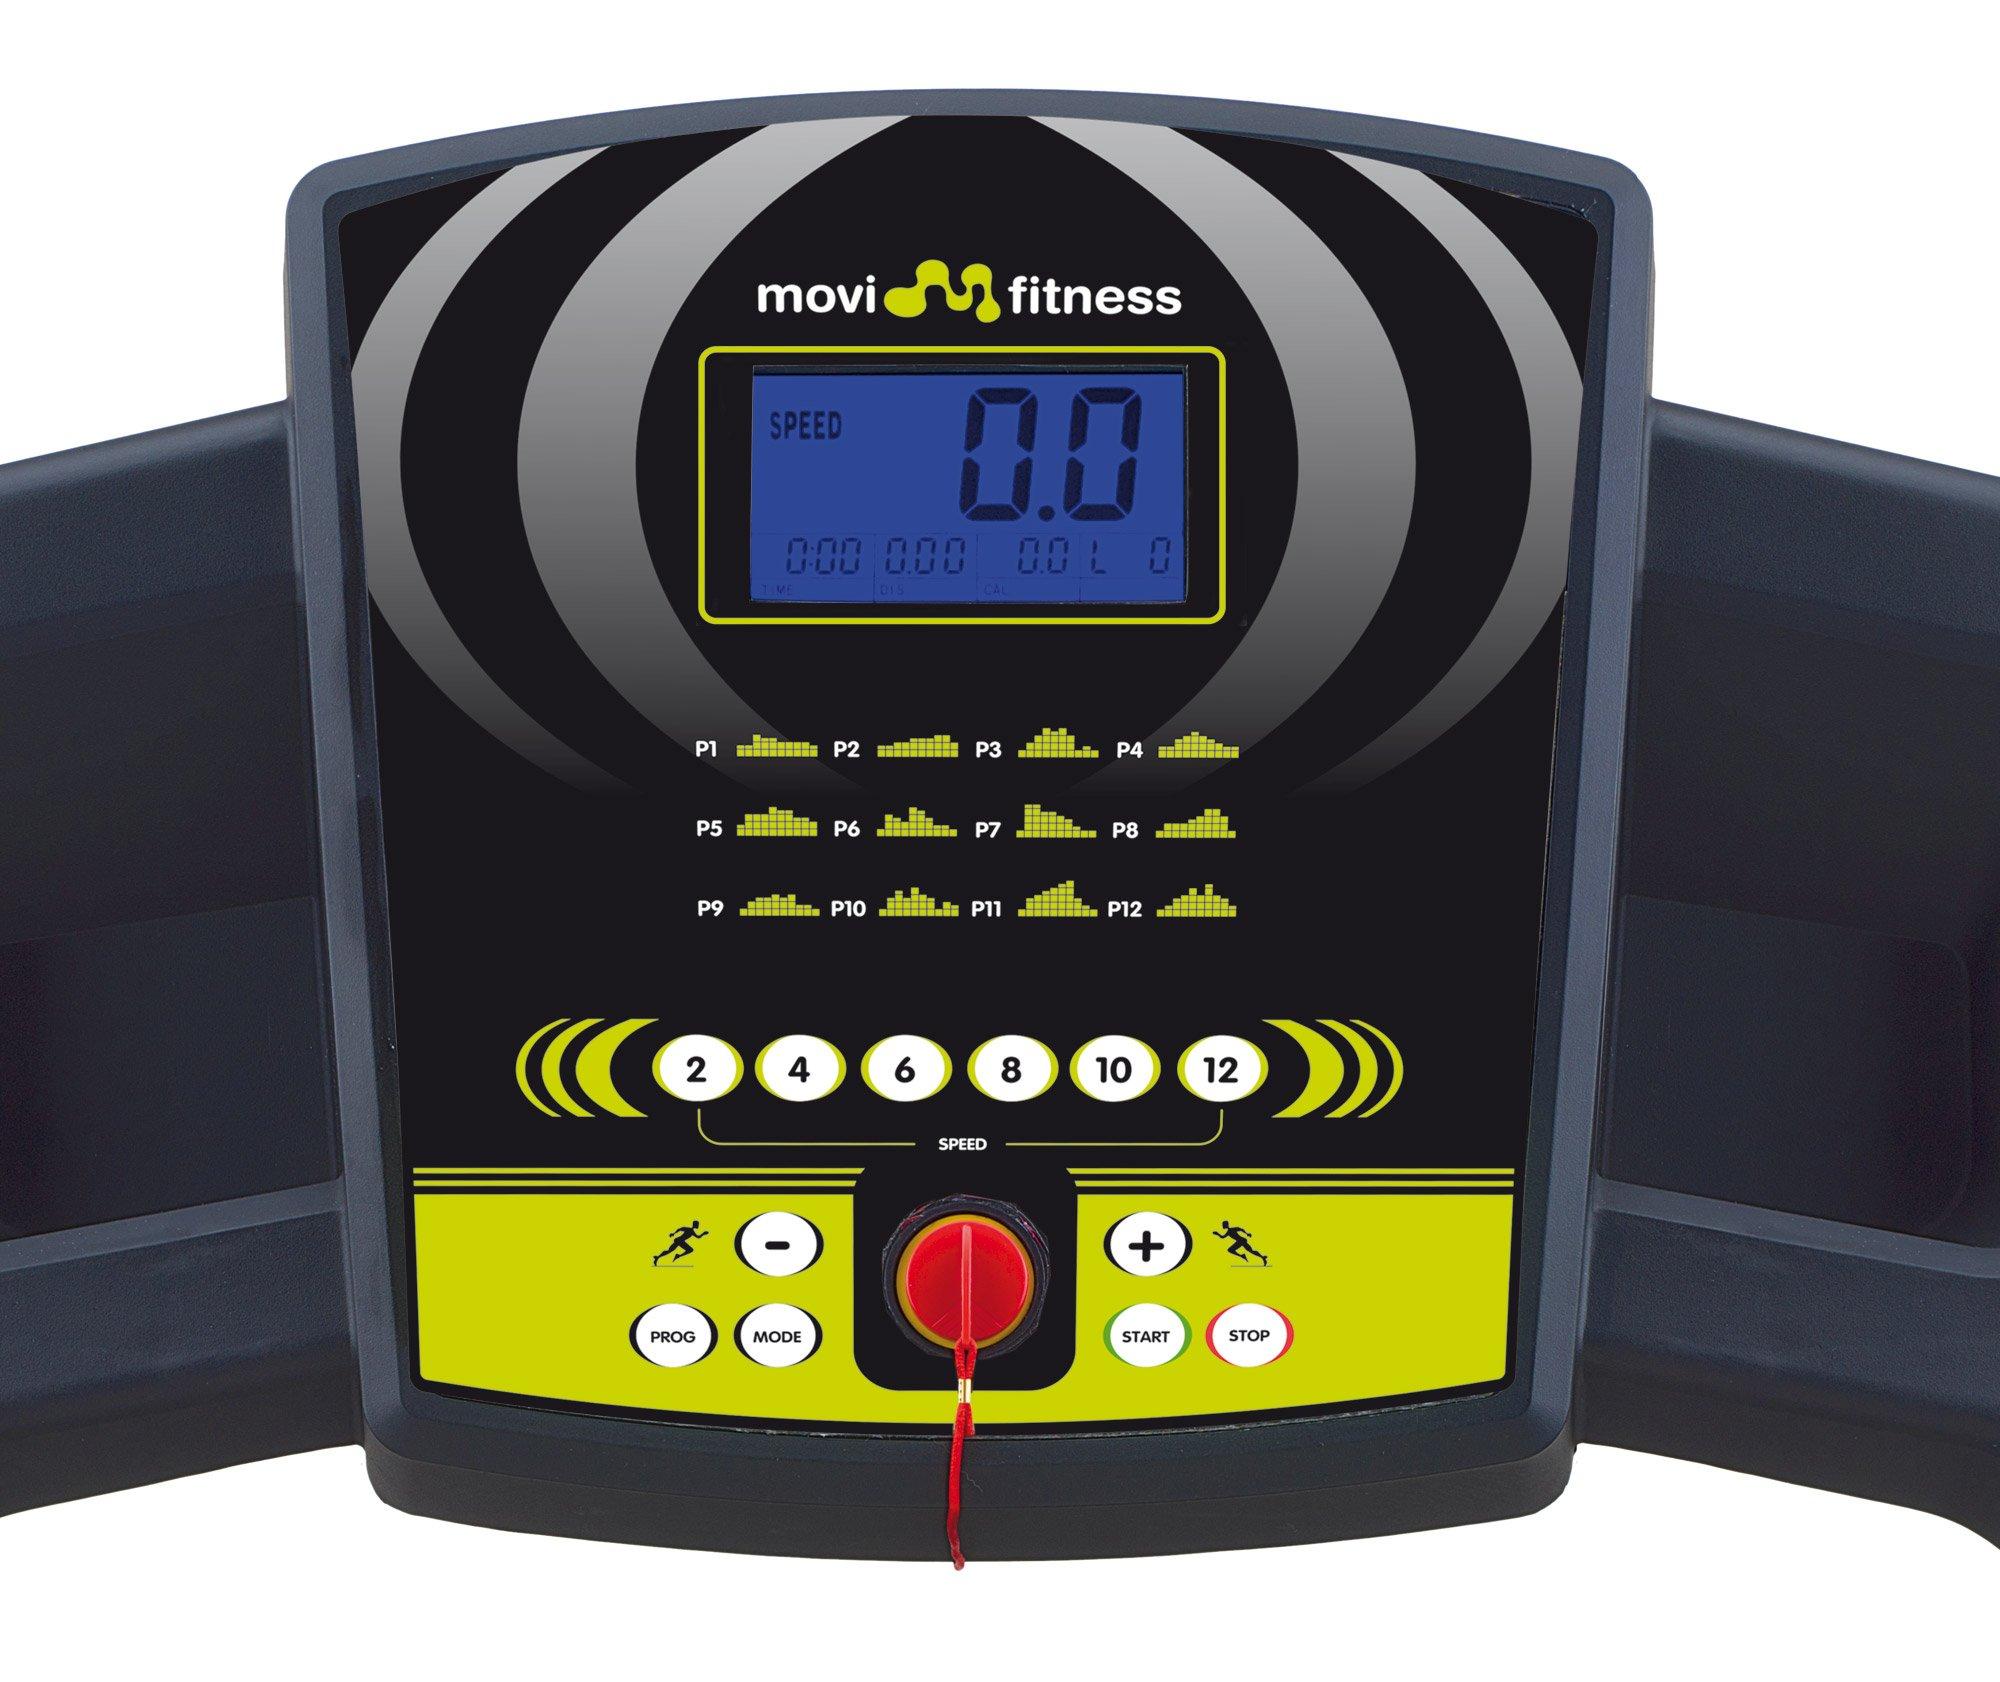 Movi Fitness Tapis Roulant MF260, Elettrico, Pieghevole, Salva Spazio, Professionale, Servizio Assistenza a domicilio 3 spesavip